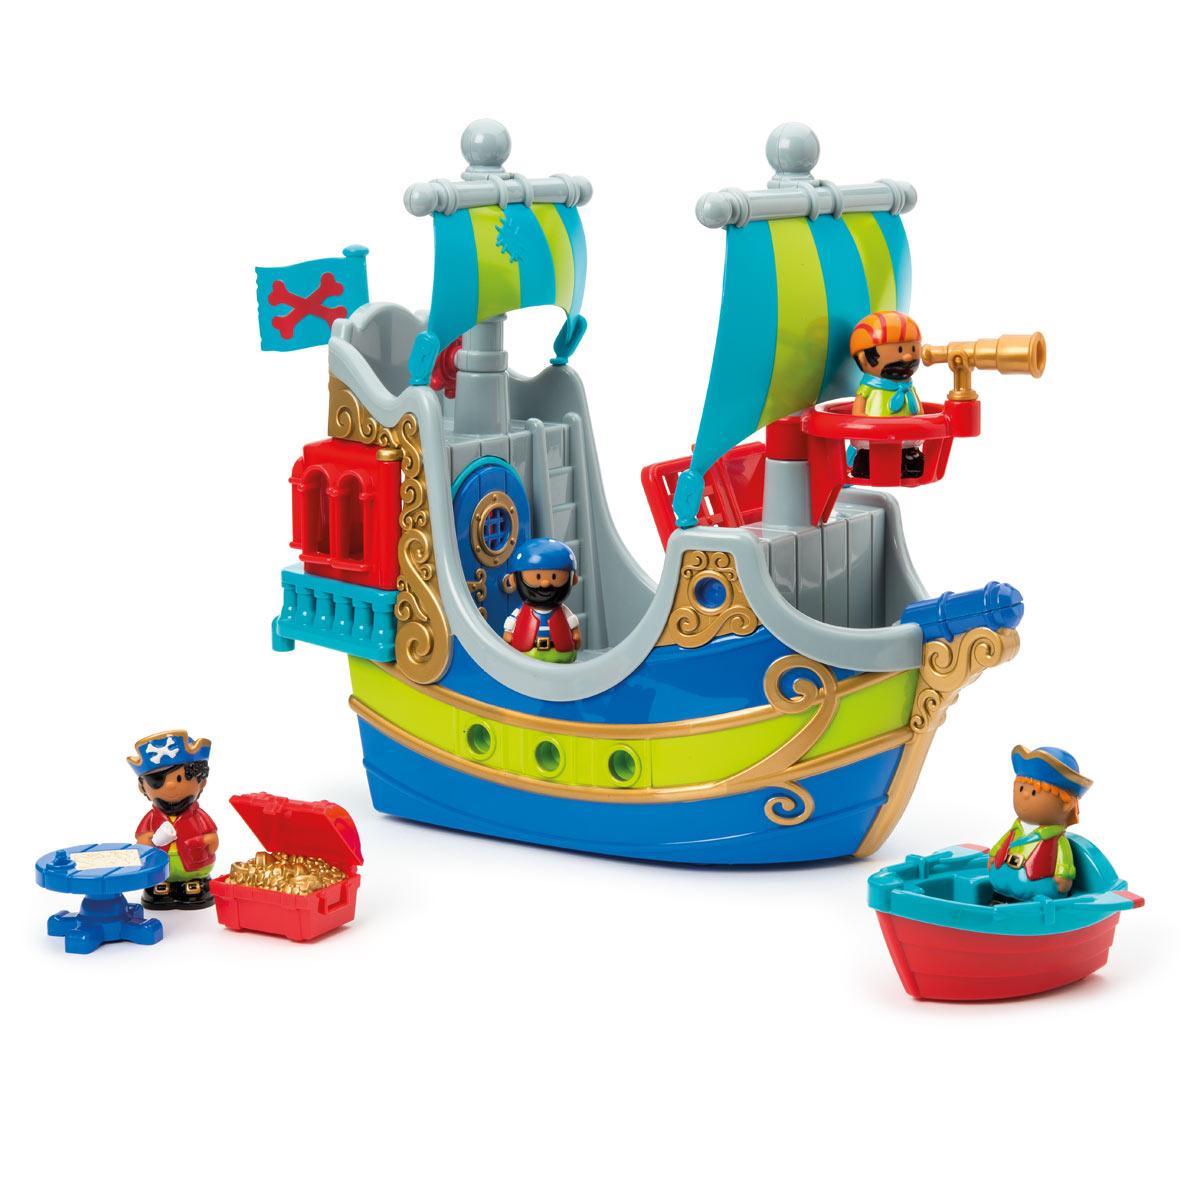 Bateau Pirate Happyland pour Meilleur Jouet Pour Garcon De 4 Ans